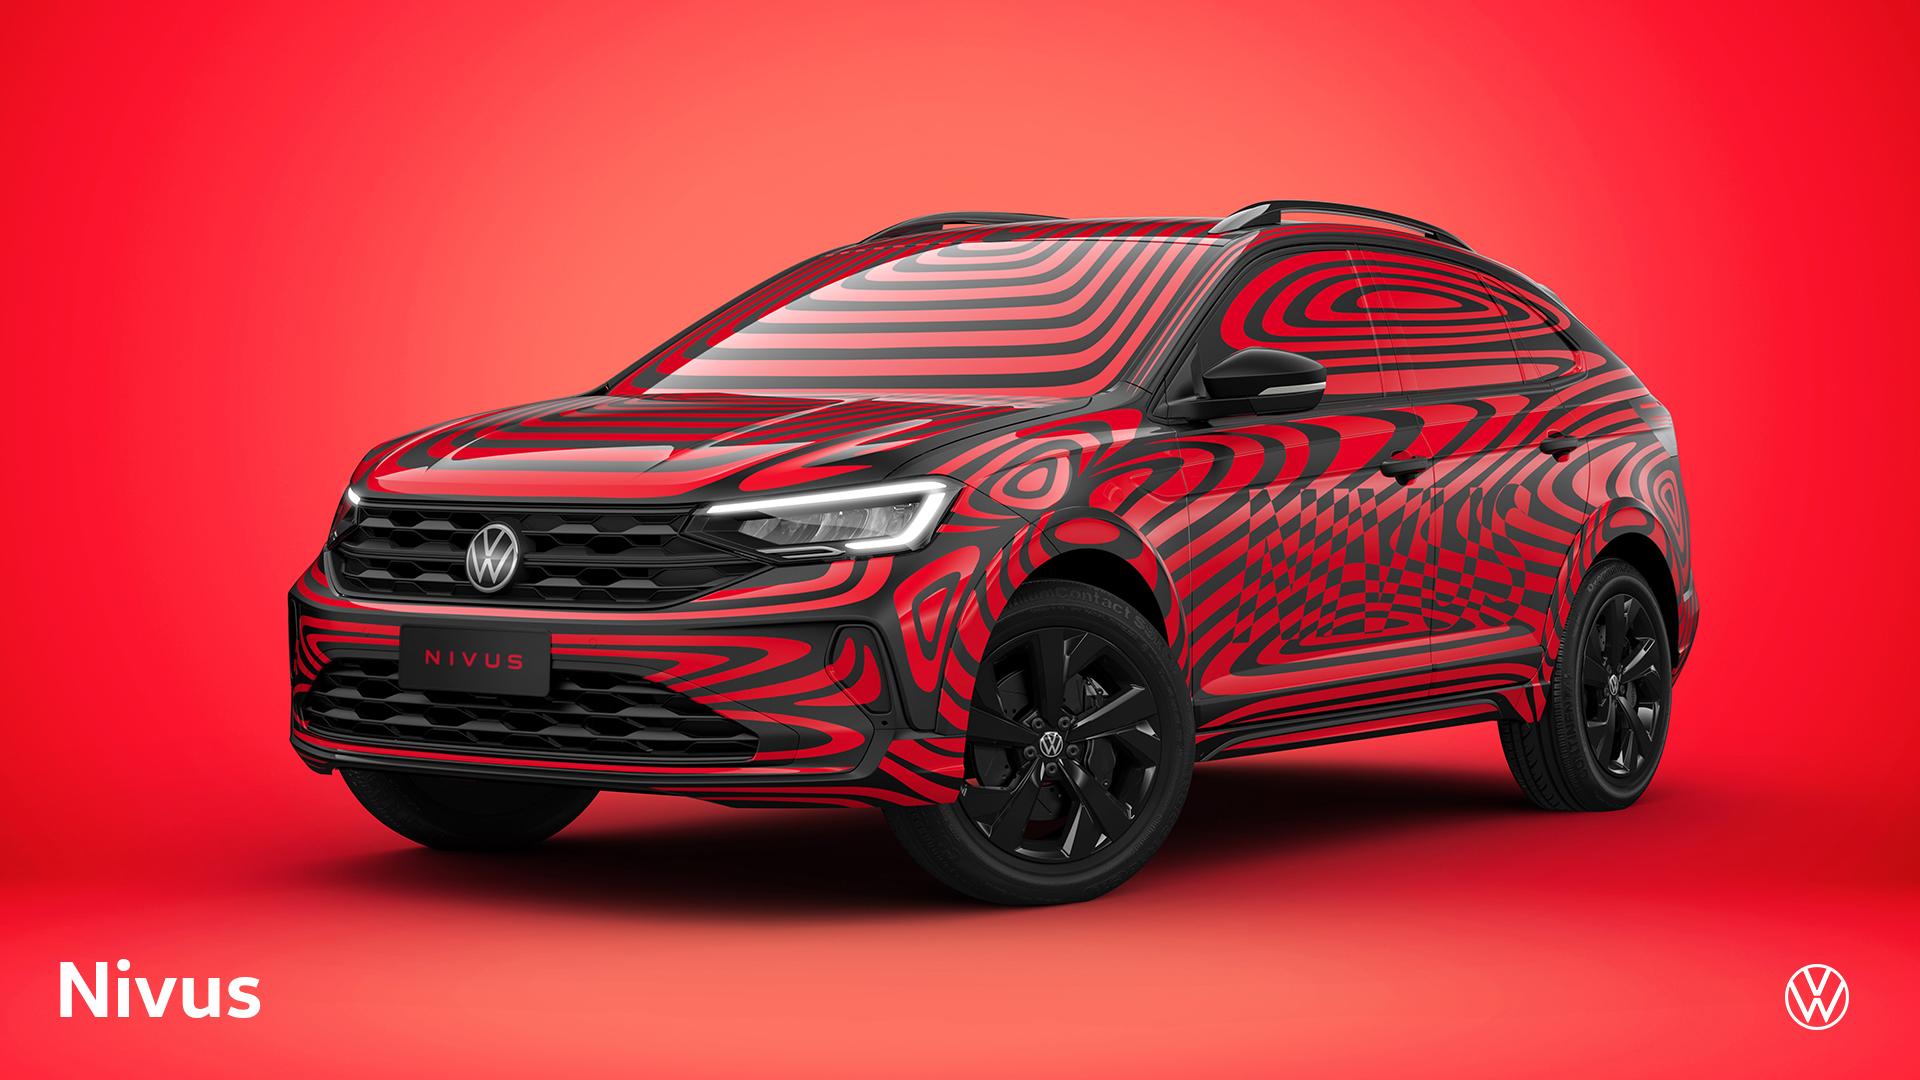 Volkswagen Nivus com camuflagem preta e vermelha em foto oficial da Volkswagen num estúdio com fundo vermelho